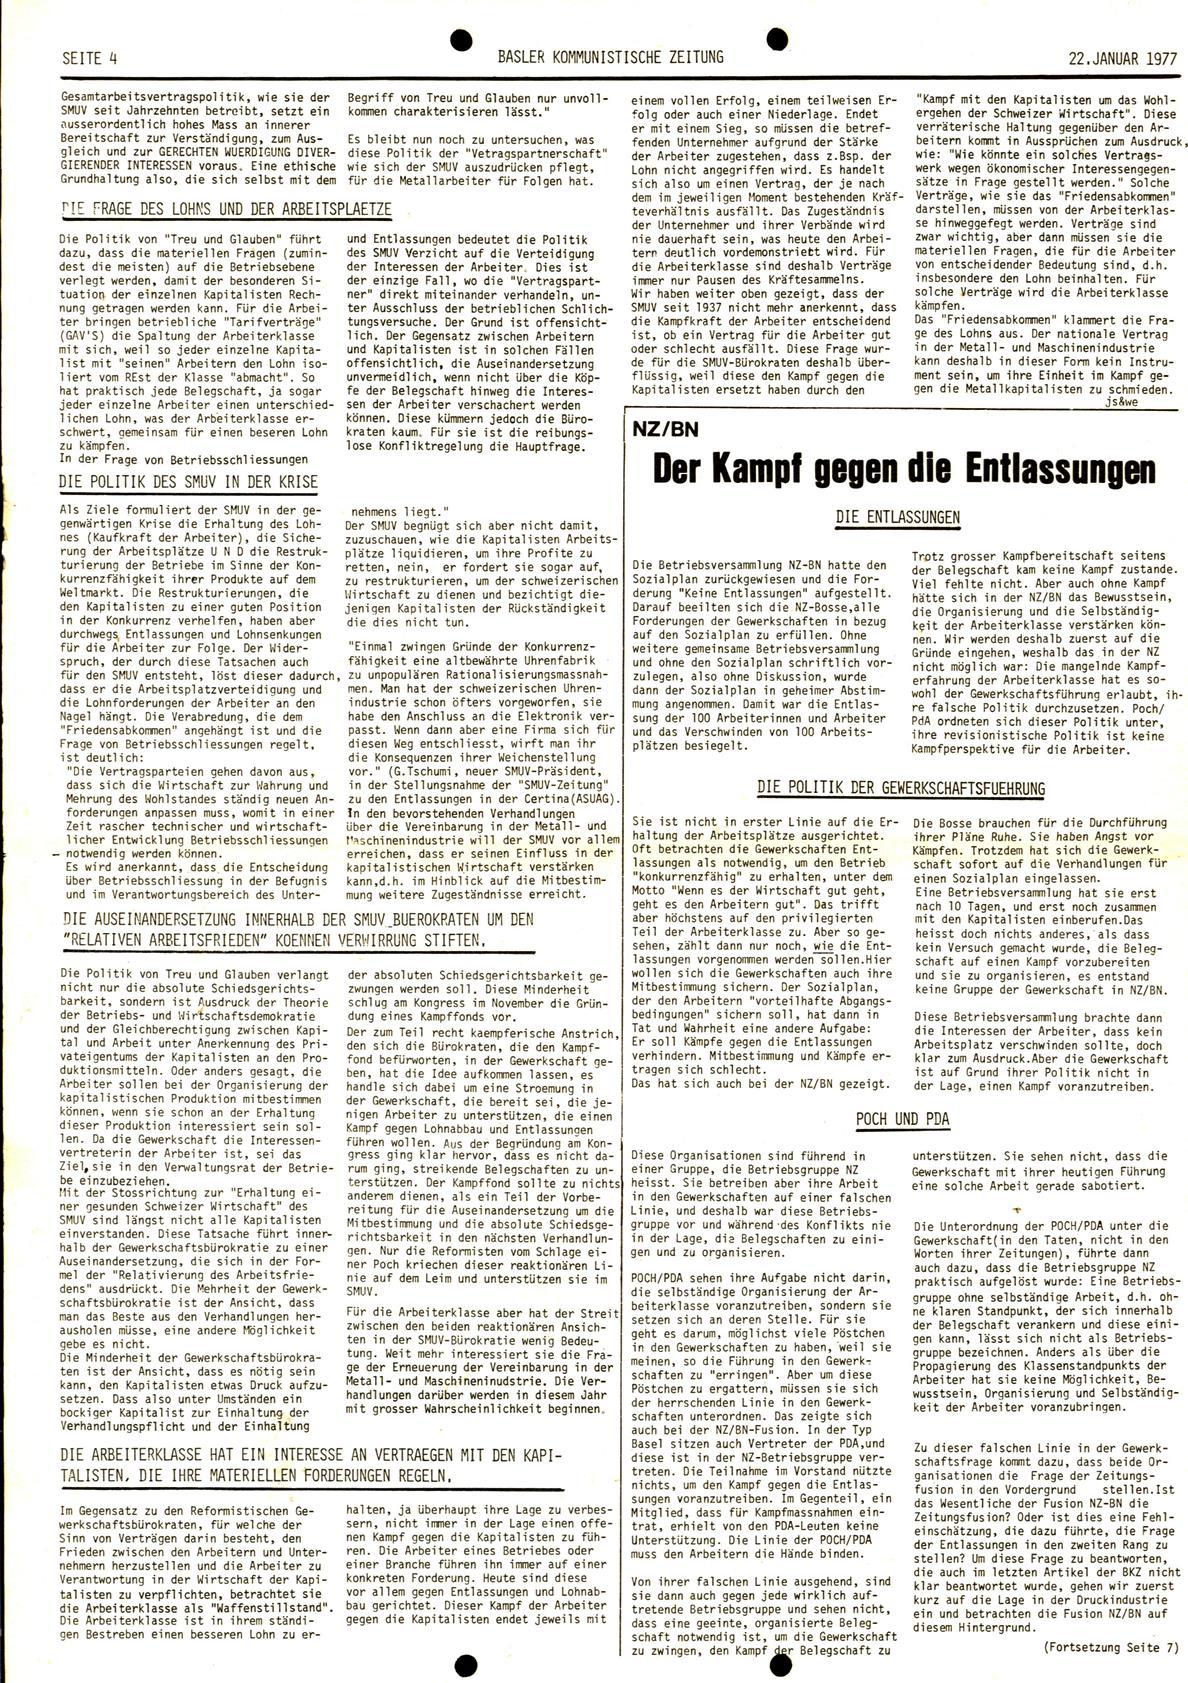 Basel_Kommunistische_Zeitung_19770122_04